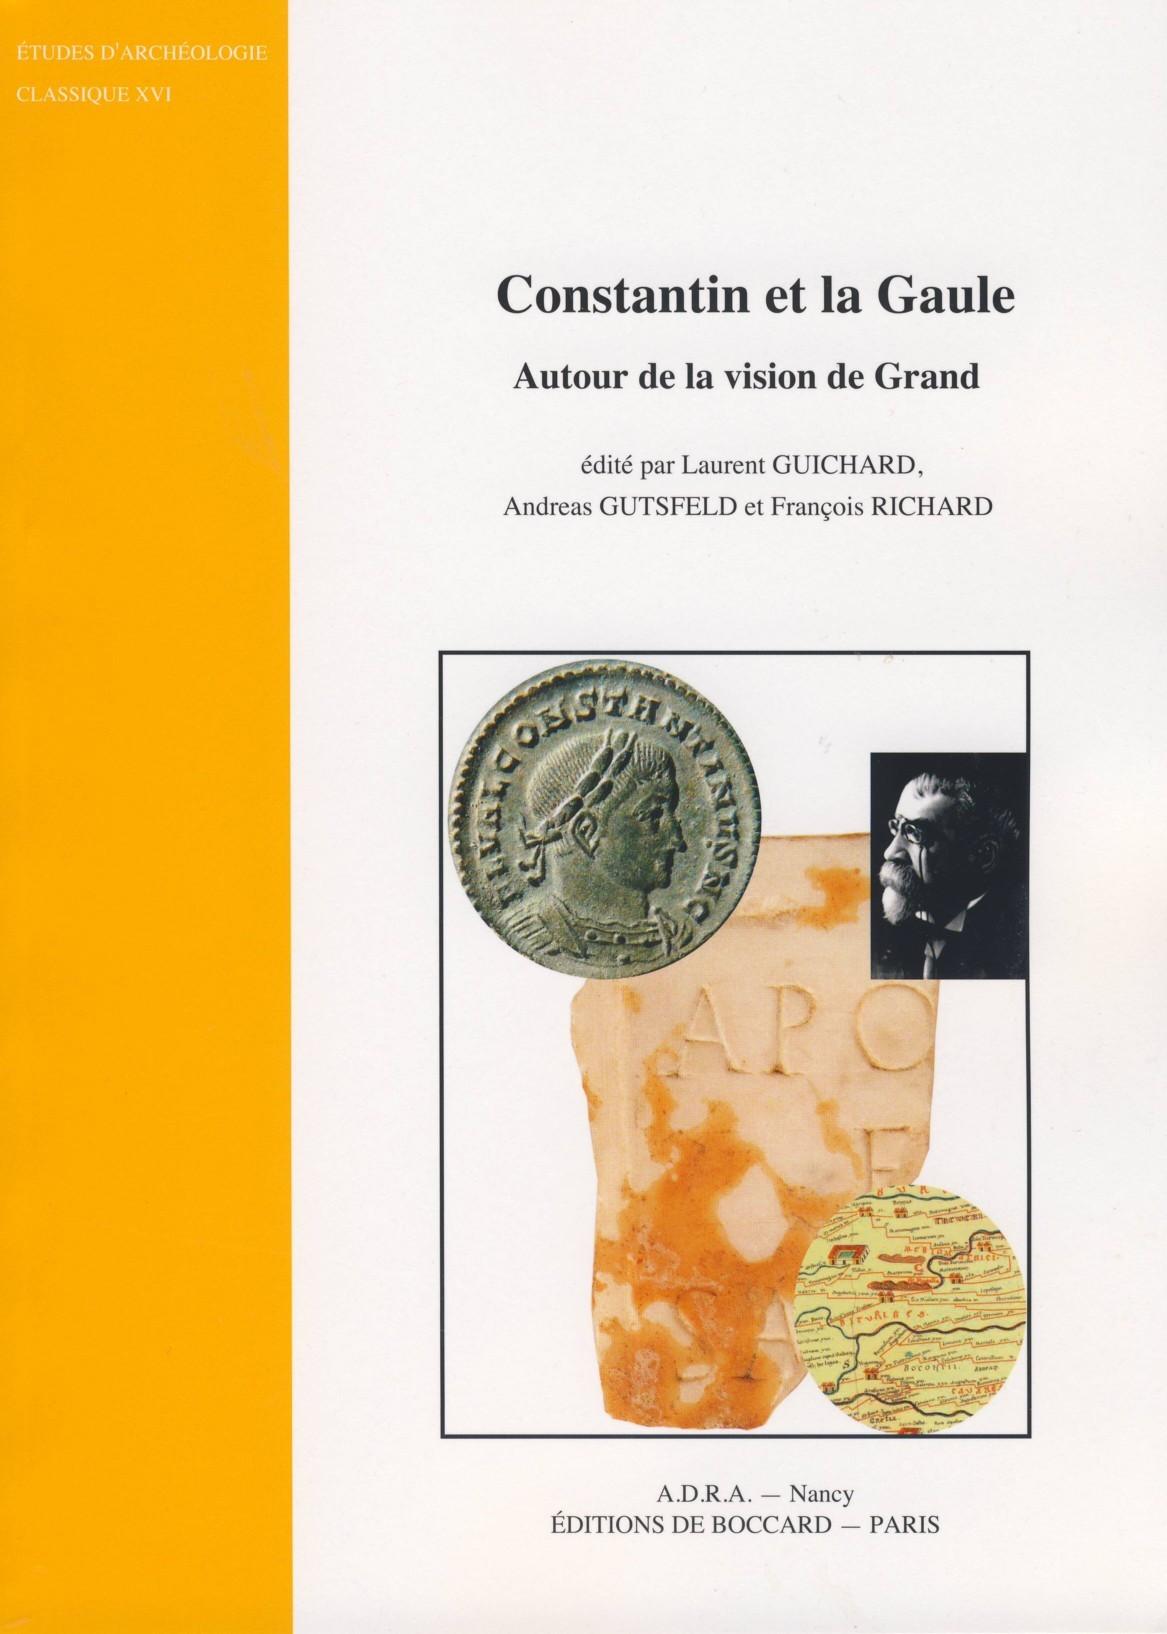 constantin_et_la_gaule_autour_de_la_vision_de_grand.jpg